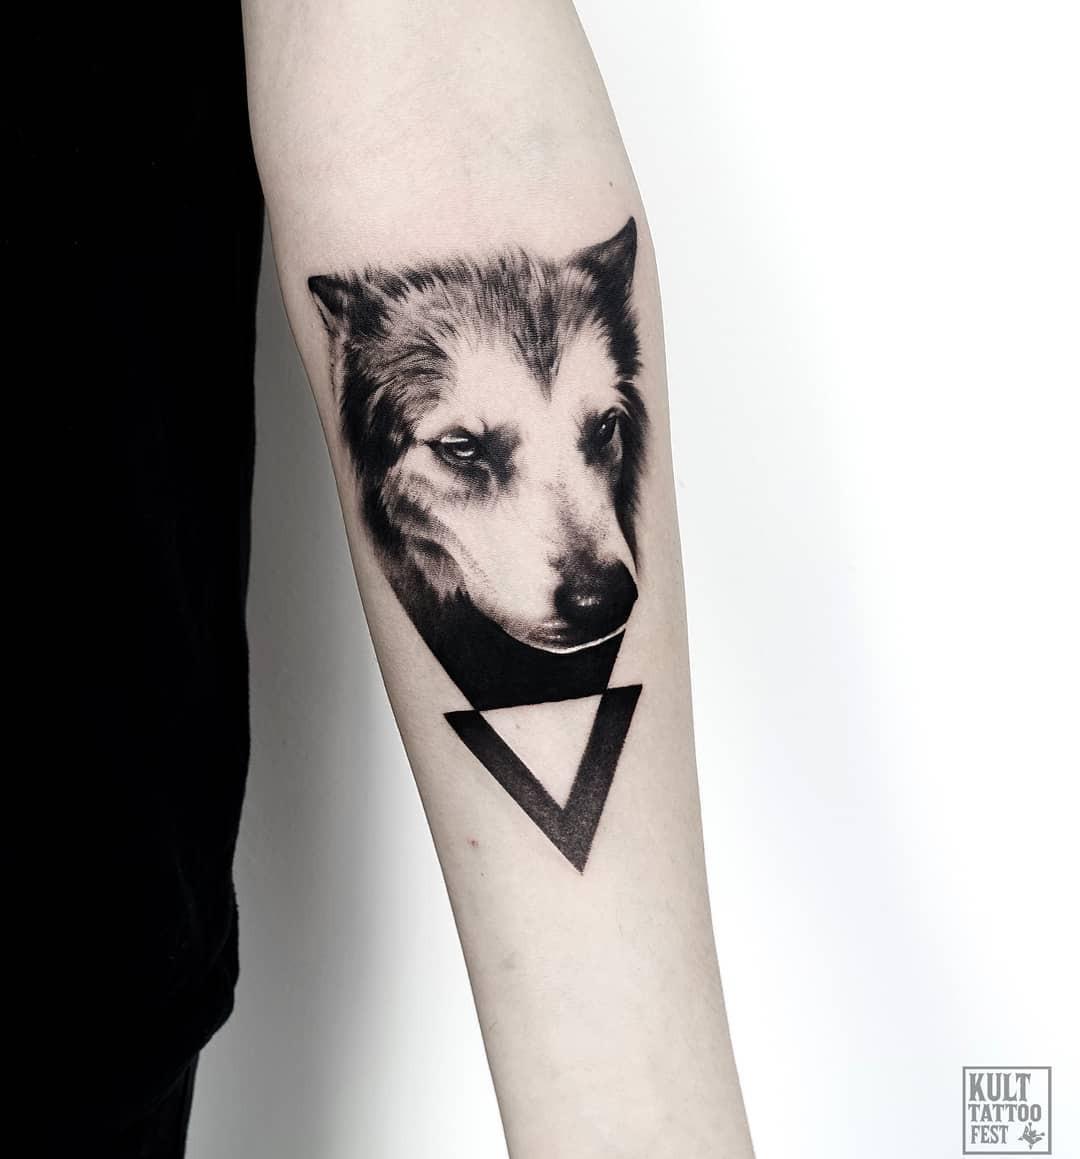 Inksearch tattoo Aleksandra Głuch - Olcur Tattoo